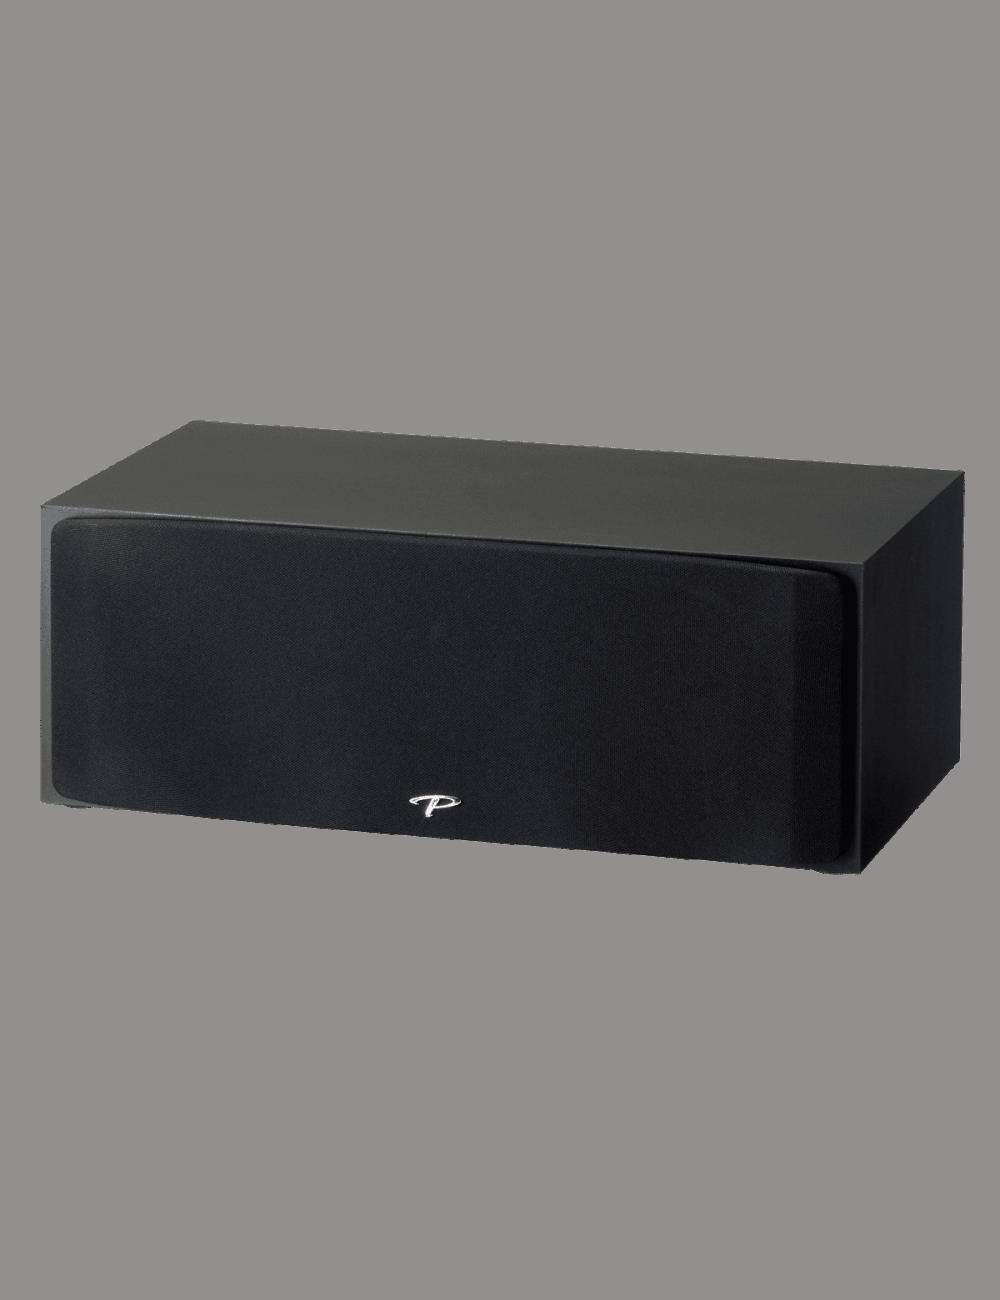 diffusori acustico per canale centrale Paradigm Monitor SE 2000F - nero opaco con griglia